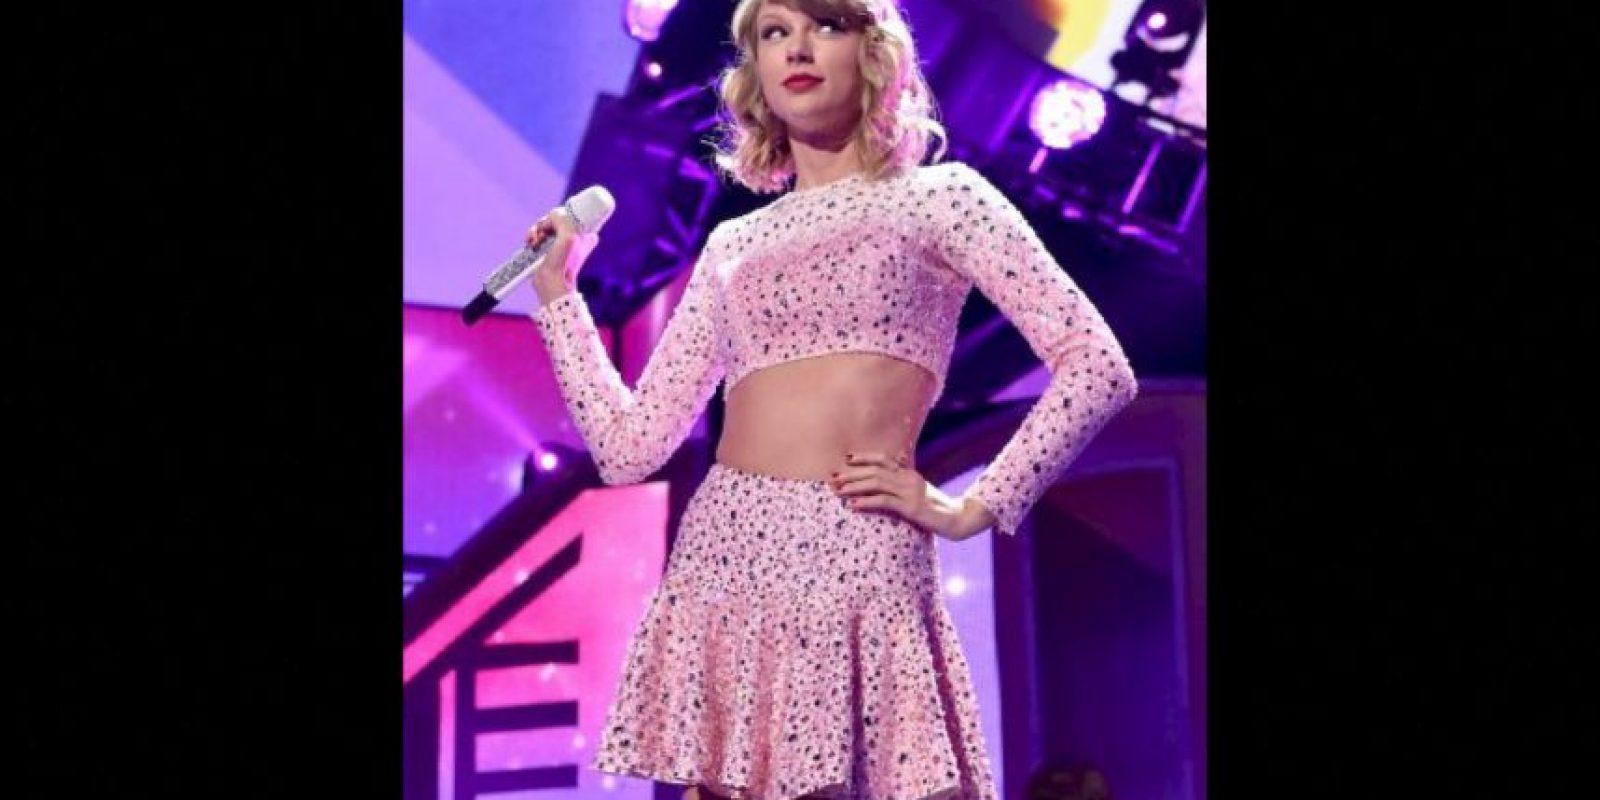 Asistir al concierto de Taylor Swift en Cleveland, el pasado mes de junio. Foto:Getty Images